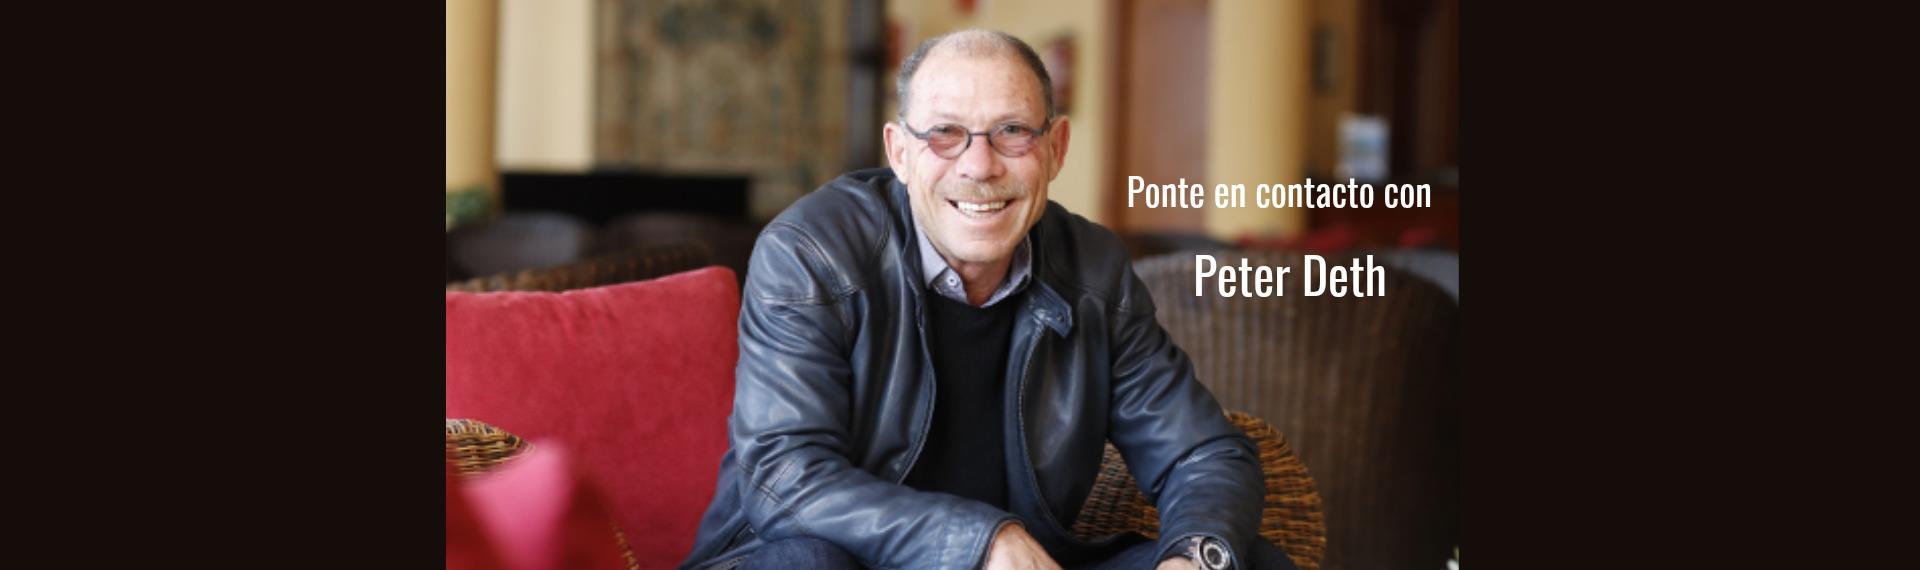 Ponte en contacto con Peter Deth